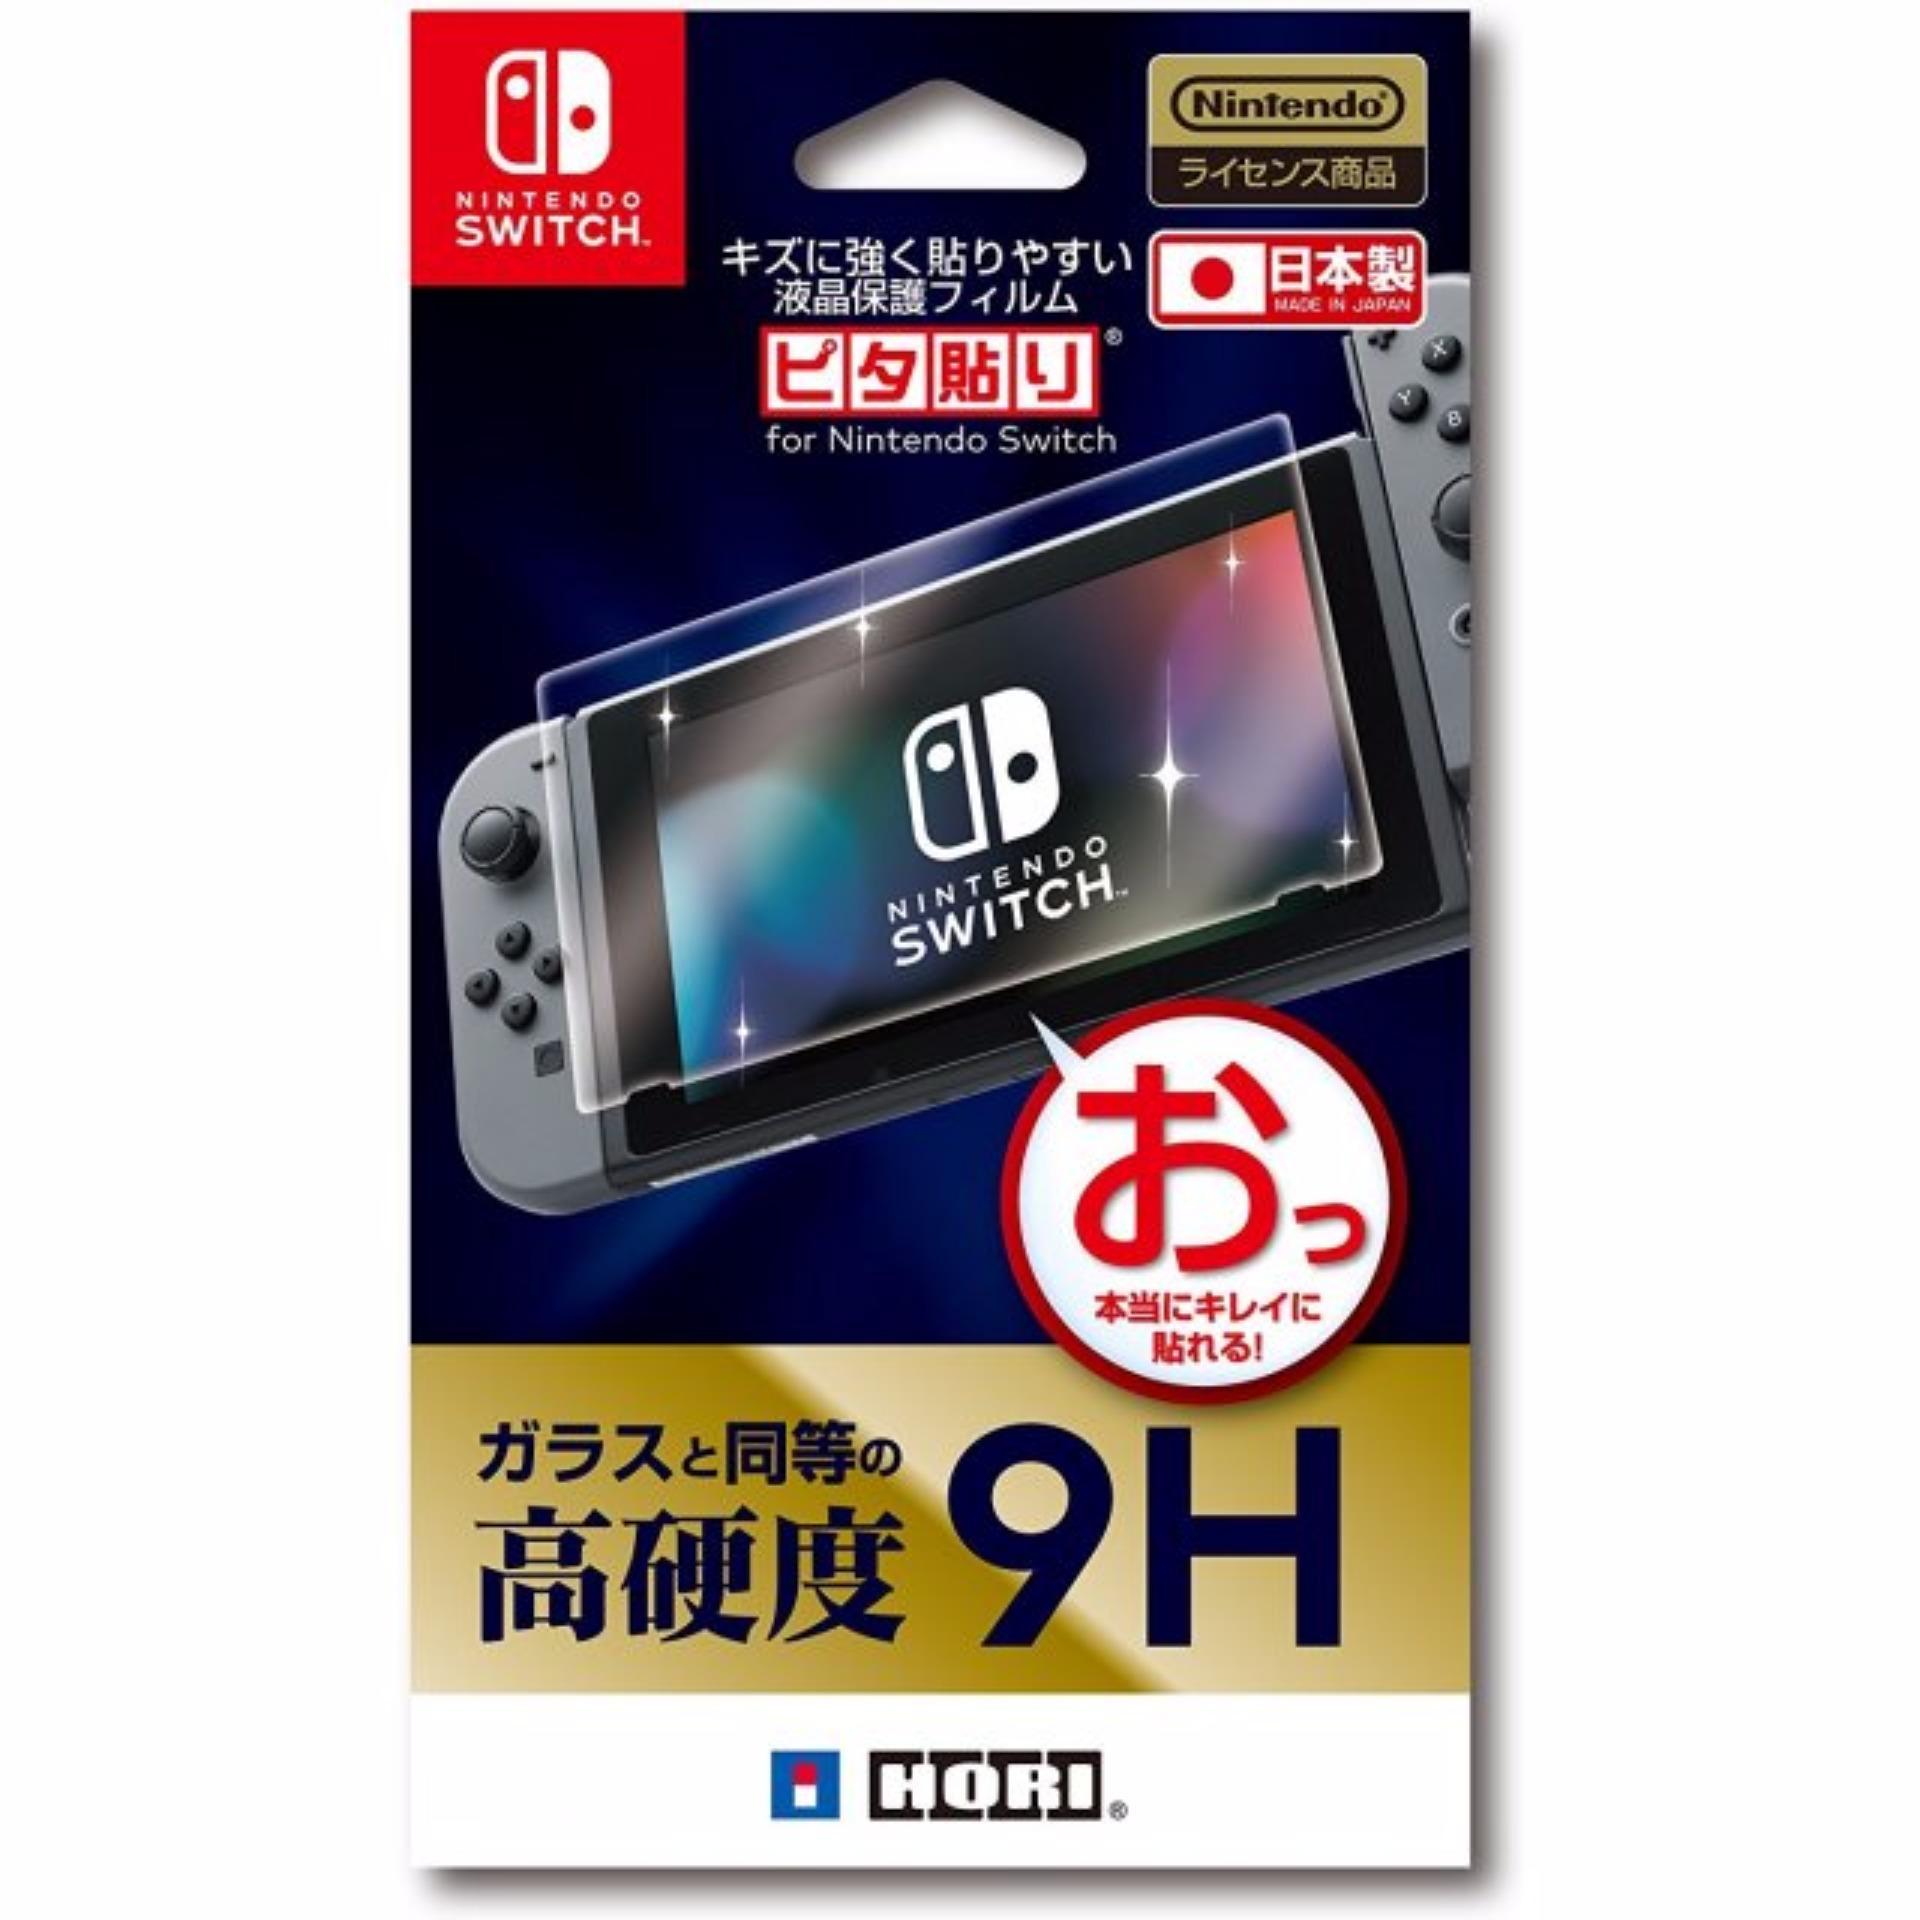 Giảm giá Dán bảo vệ màn hình Hori cho Nintendo Switch